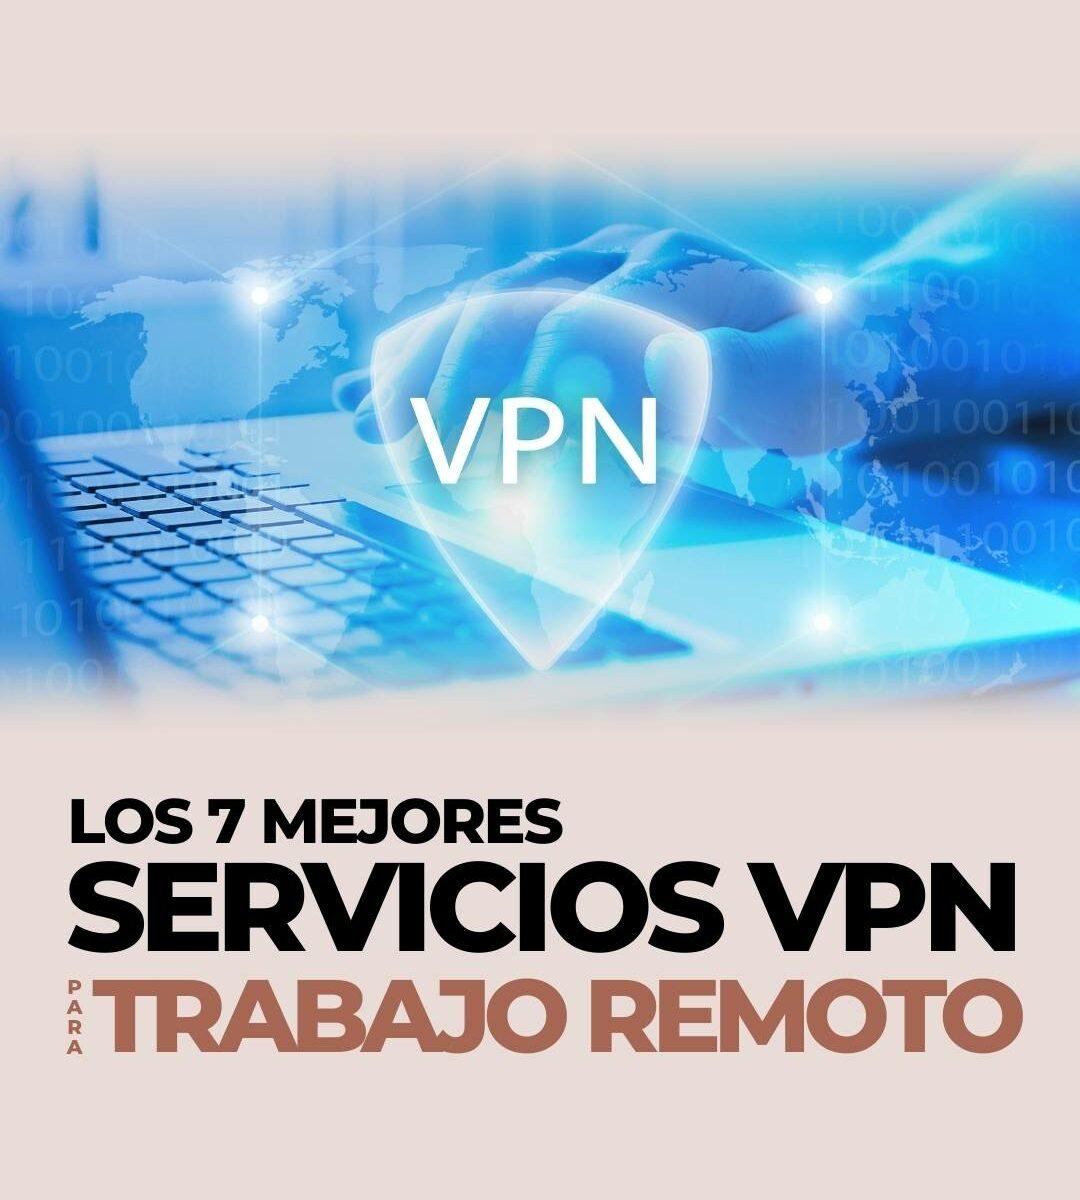 LOS 7 MEJORES servicios VPN para trabajo remoto